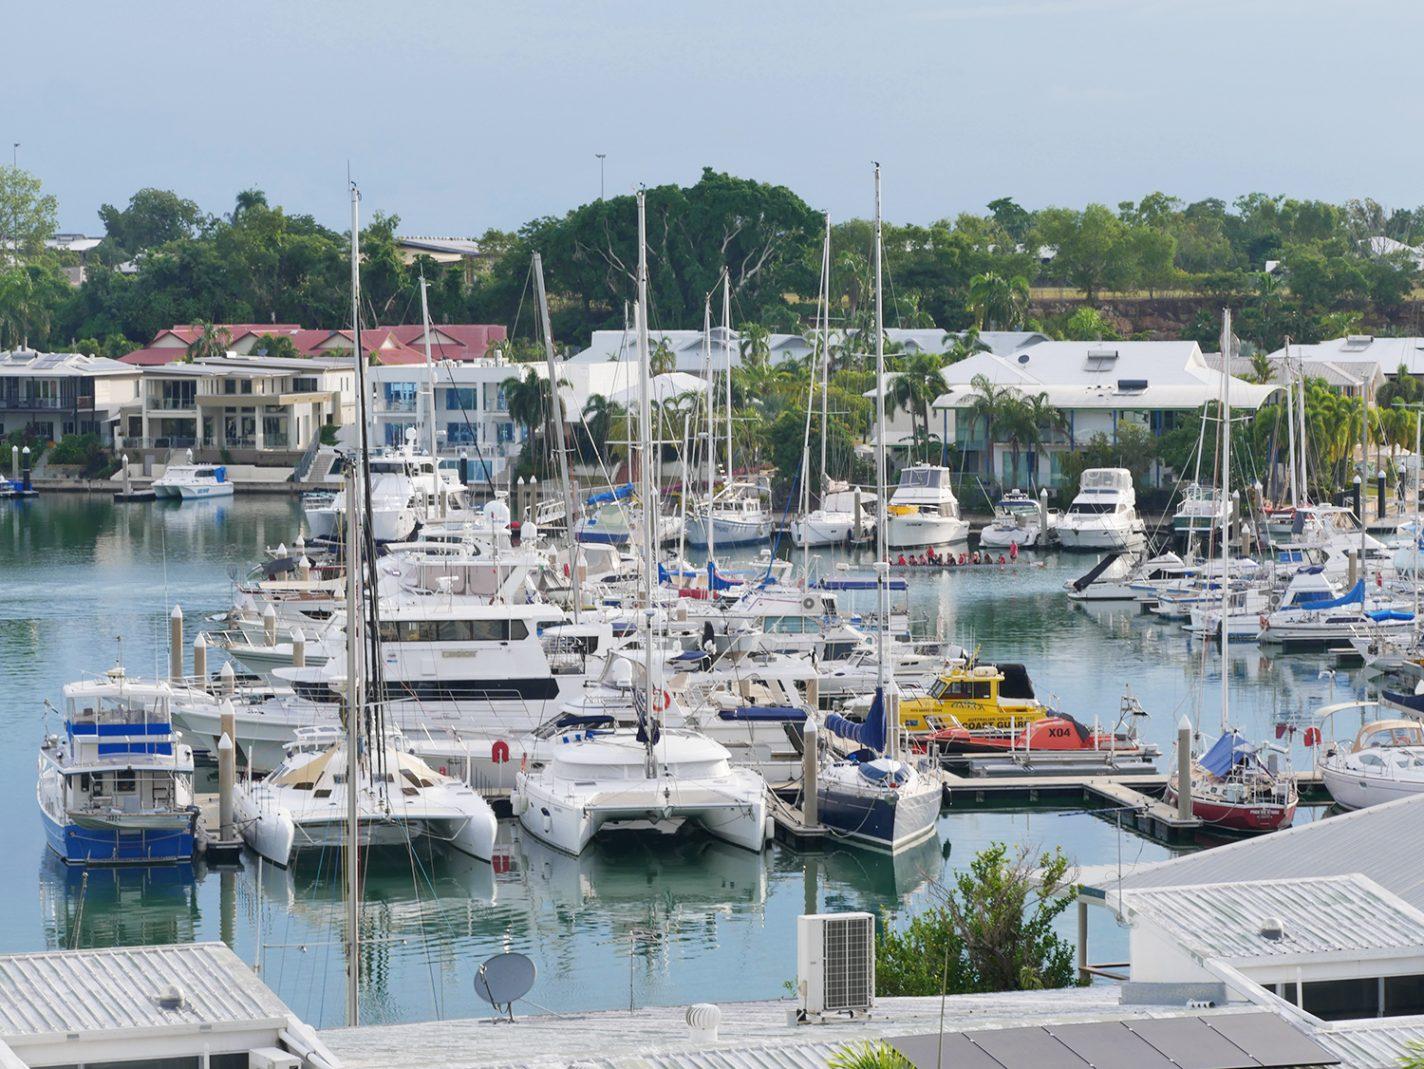 De haven van Cullen Bay